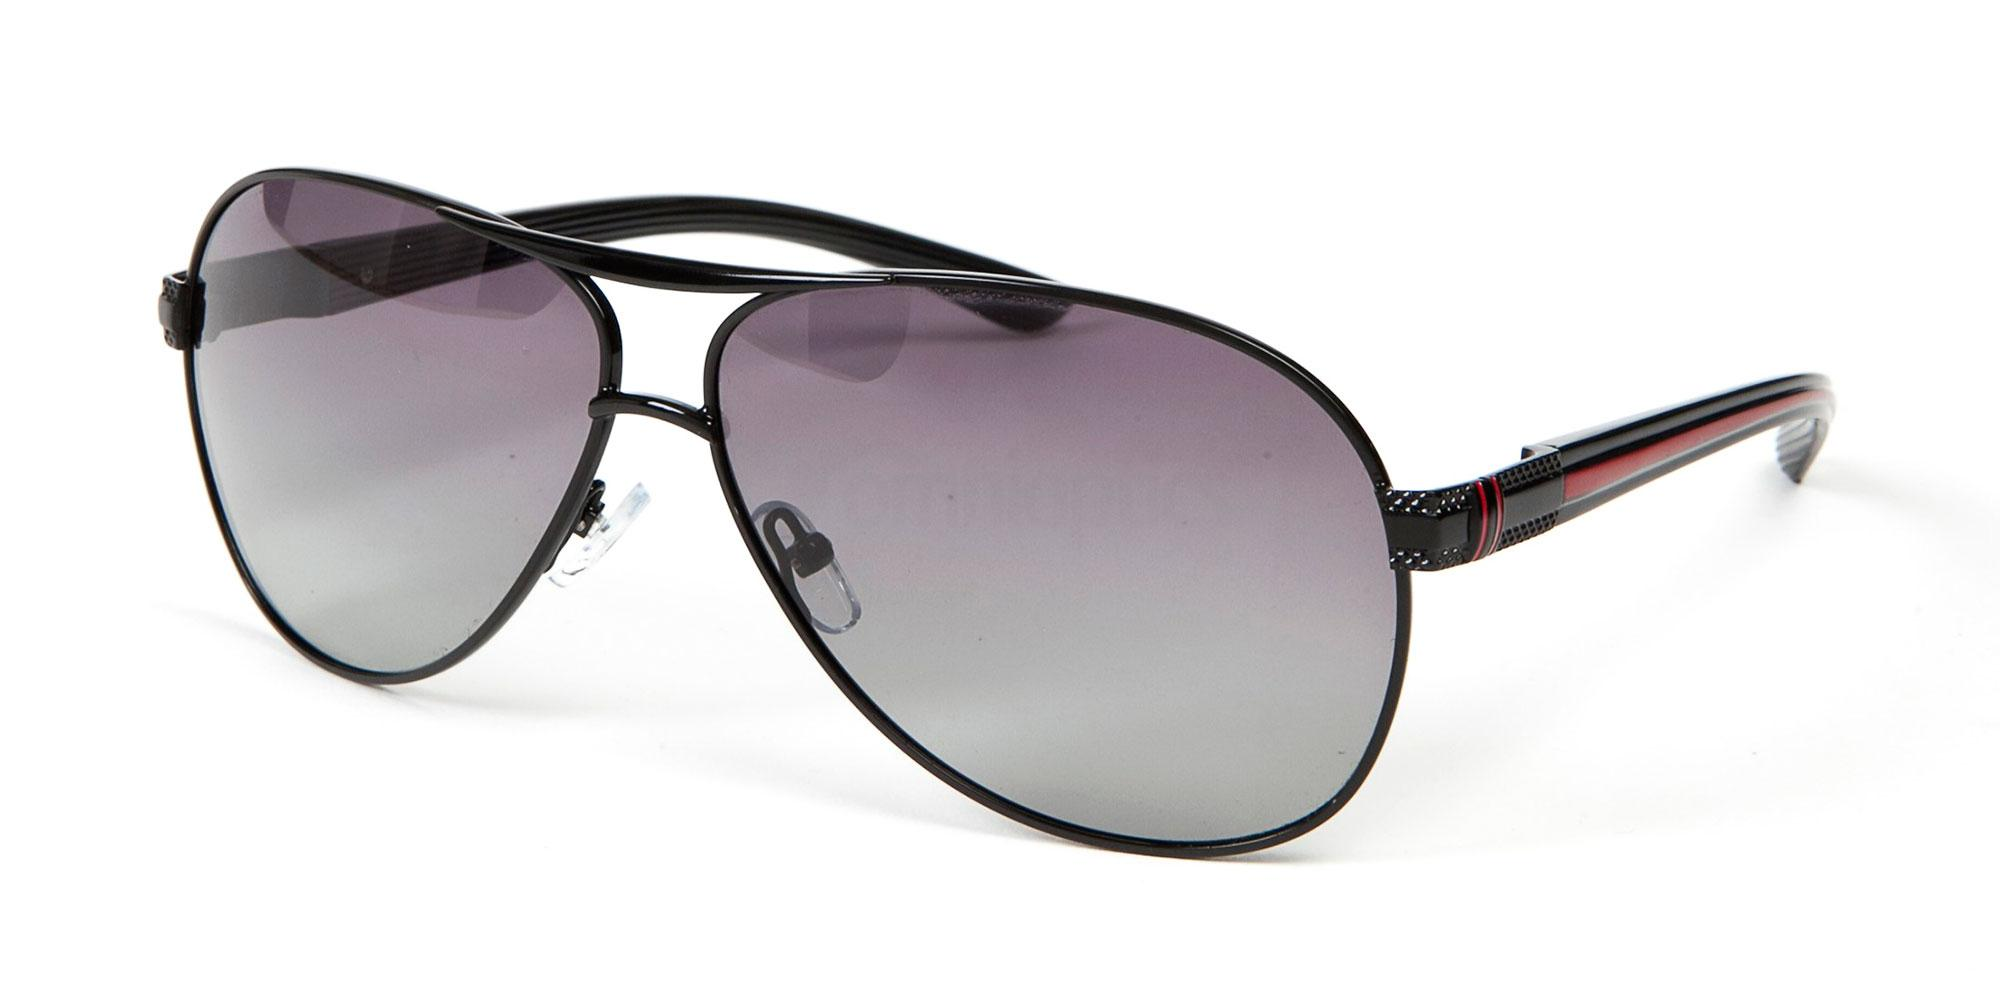 C1 125S Sunglasses, Oxford